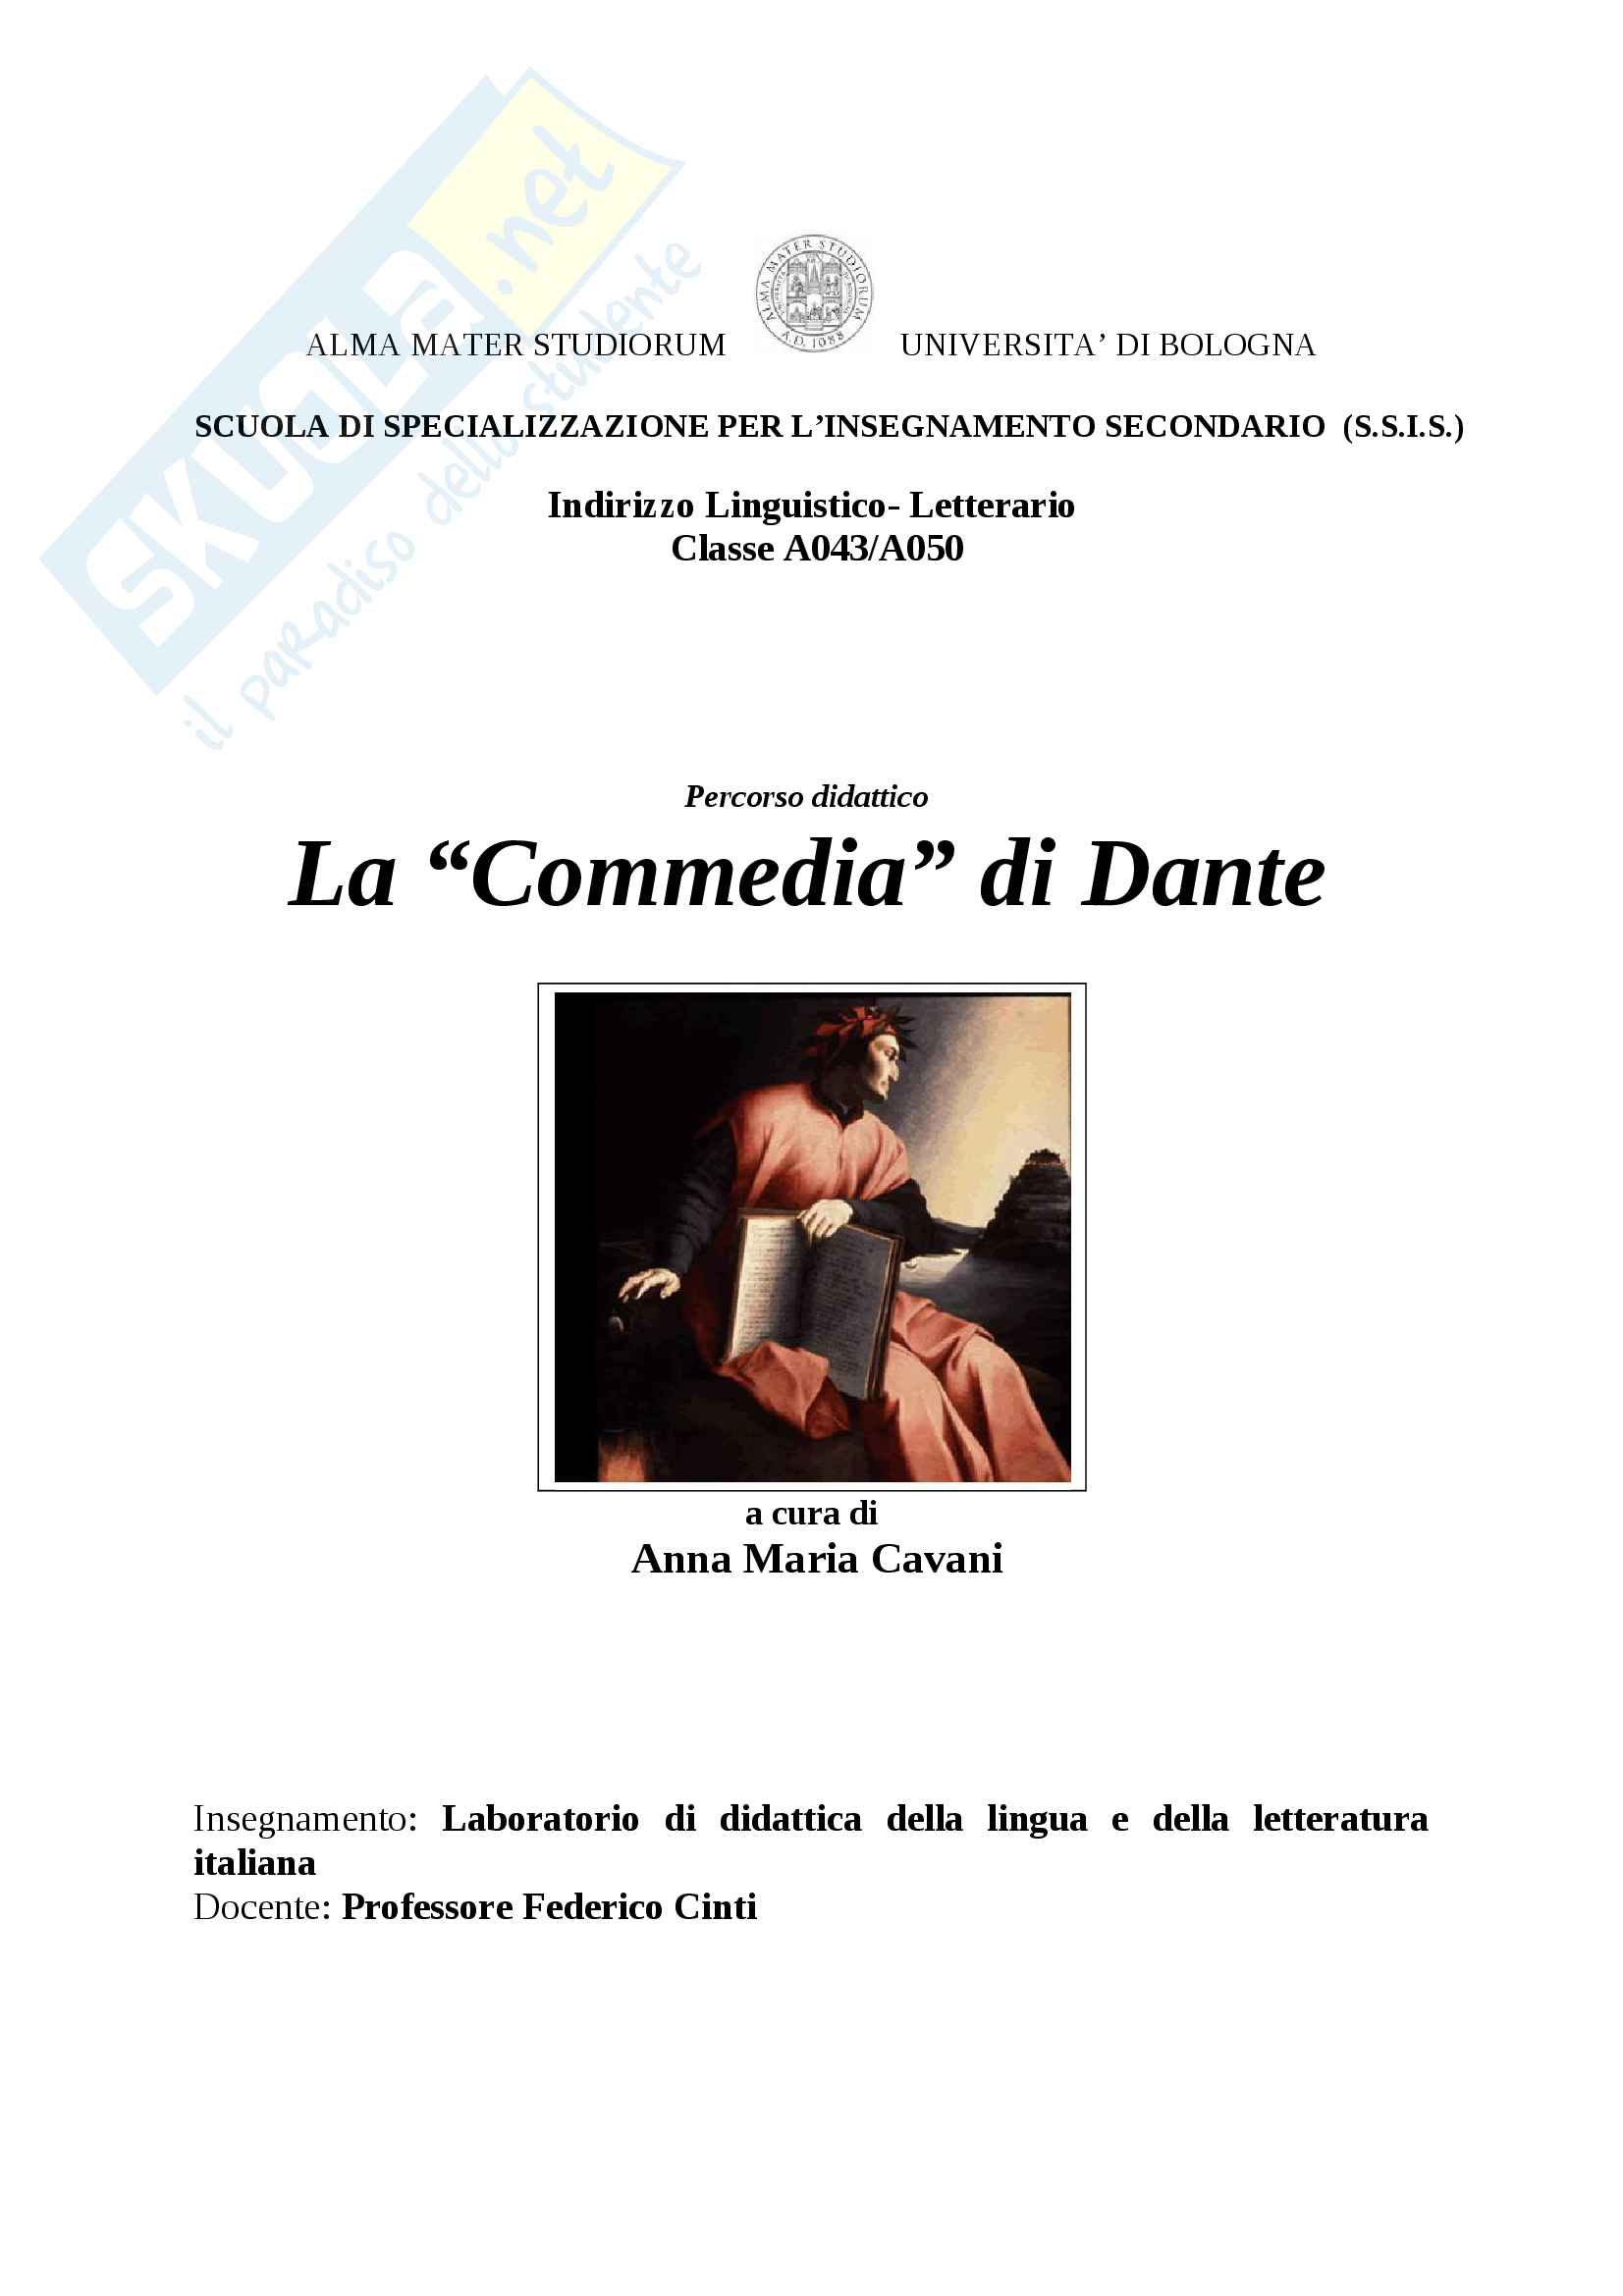 Divina Commedia di Dante - Unità didattica sui brani comici e divertenti dell'Inferno per la scuola superiore